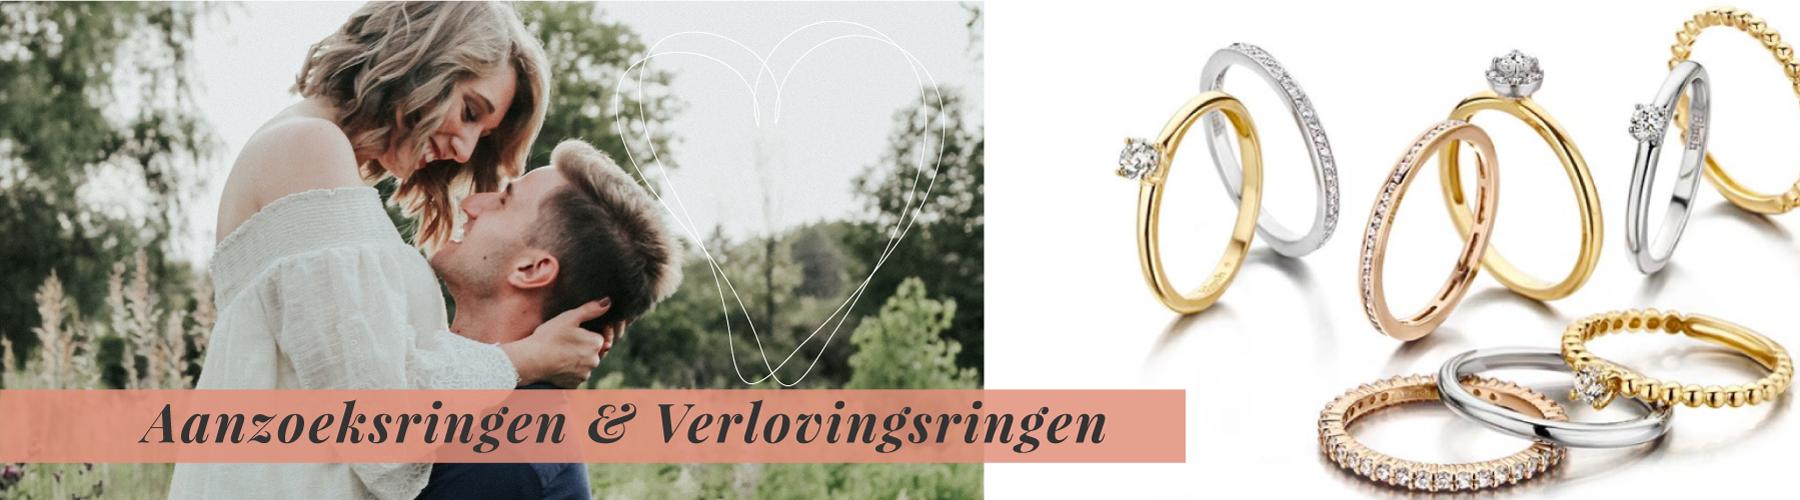 Aanzoeksringen-en-verlovingsringen-ruime-collectie-kopen-Wolters-Juweliers-Coevorden-Emmen